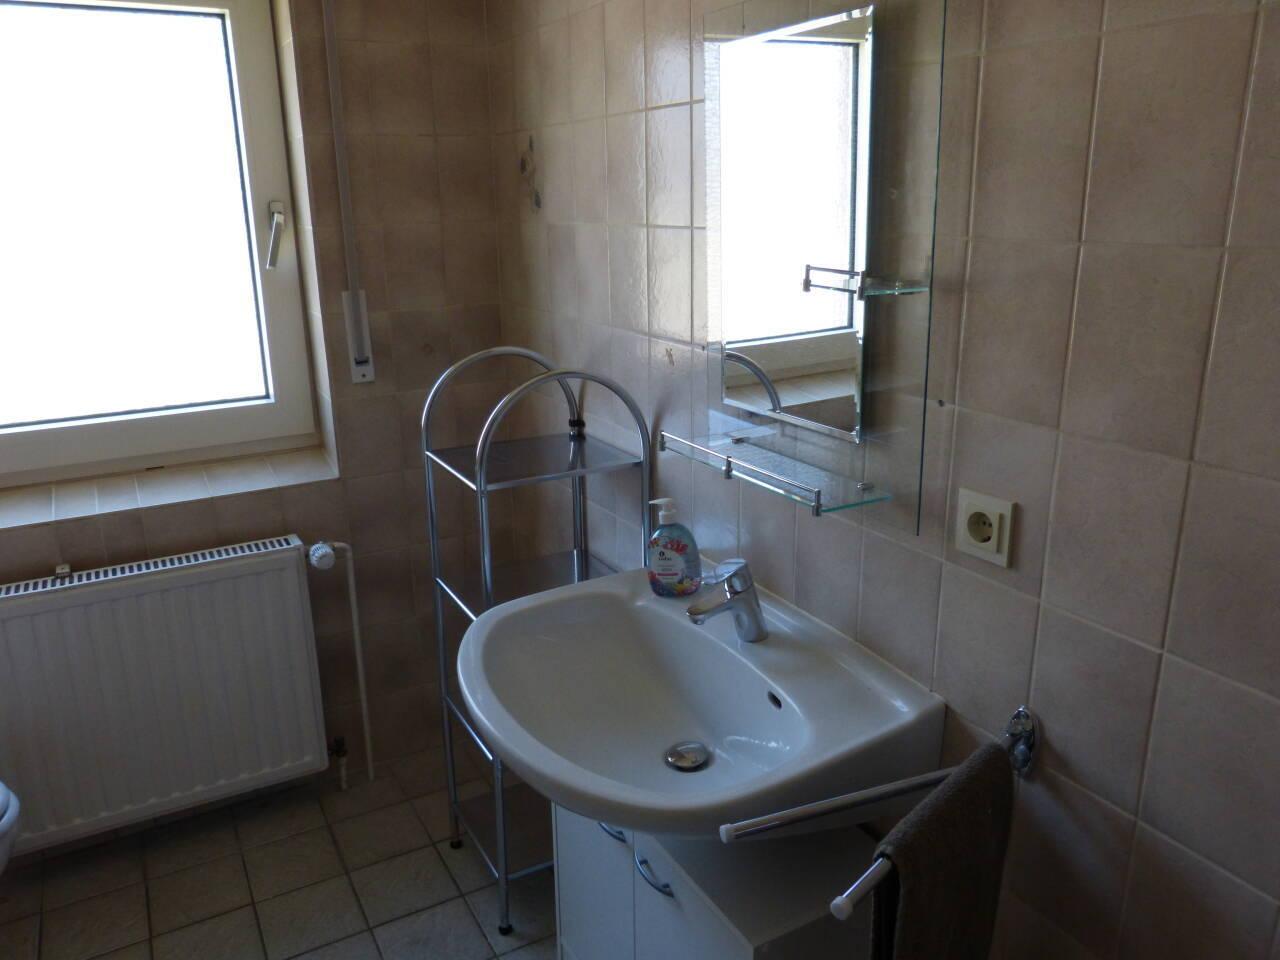 Auch die Waschtisch-Armaturen sowie der Spiegel mit Ablage wurden neu eingebaut.